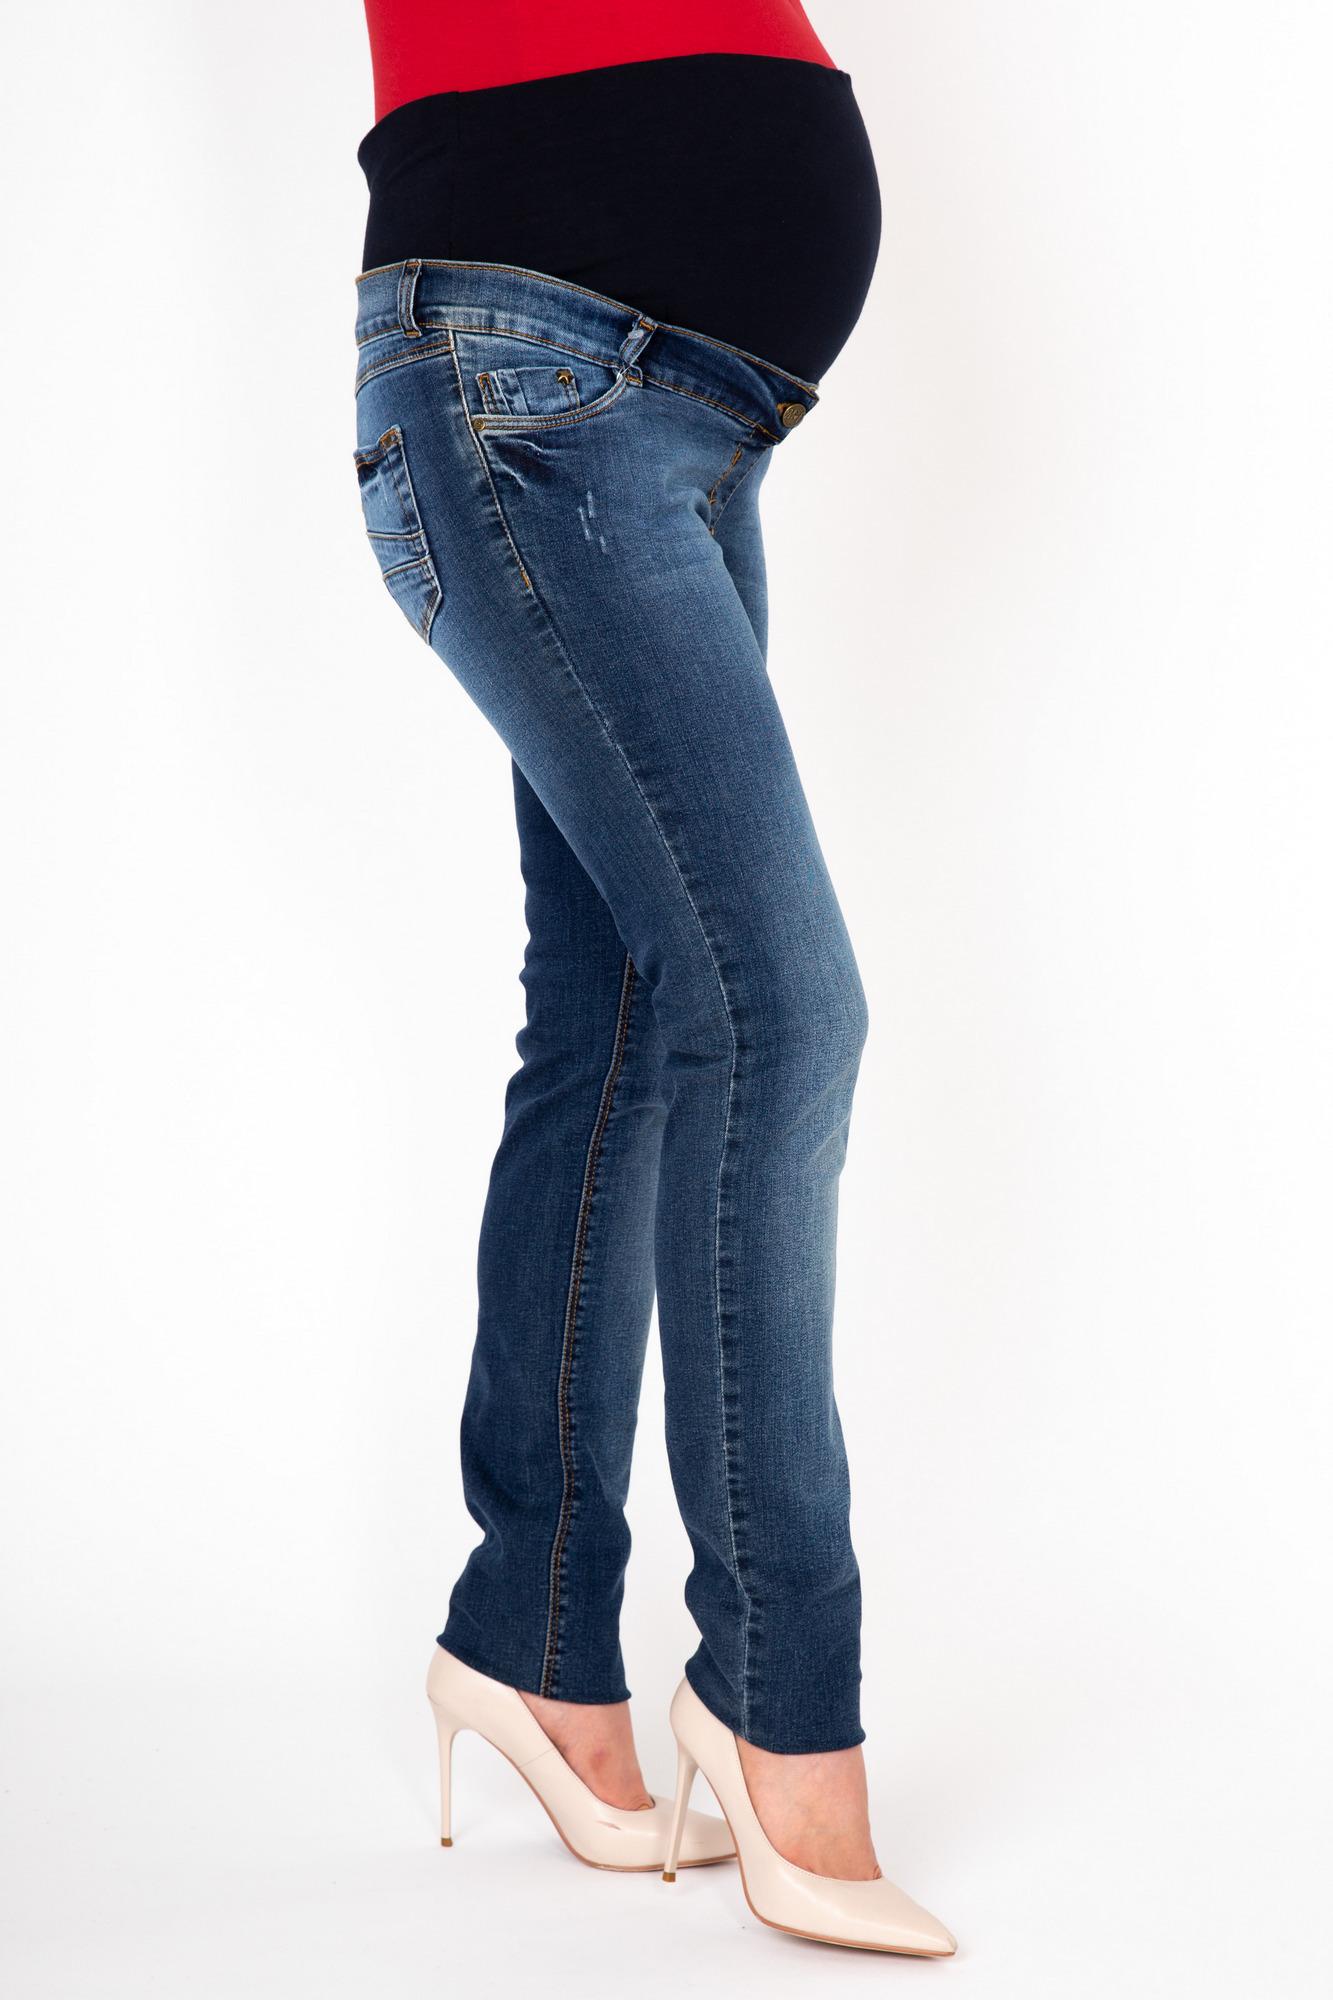 Фото джинсы для беременных MAMA`S FANTASY, зауженные, легкий эластичный деним от магазина СкороМама, синий, размеры.